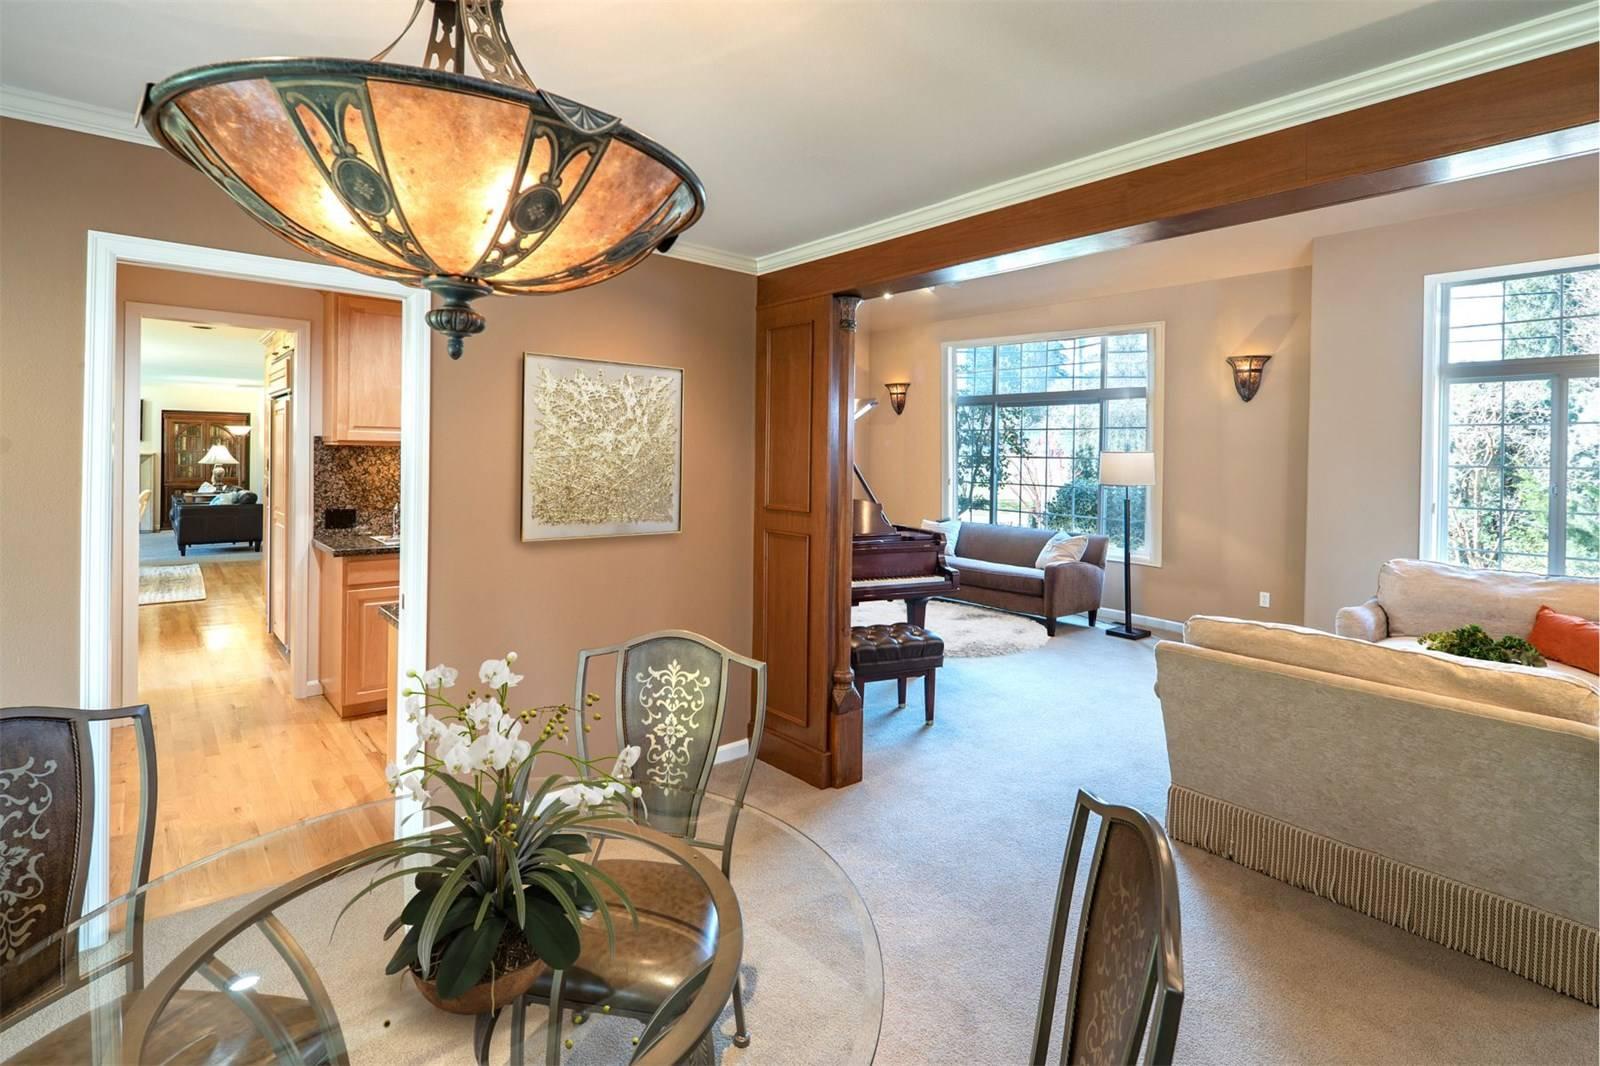 1624 108th Avenue Northeast, Bellevue - Helen Pederslie (4).jpg